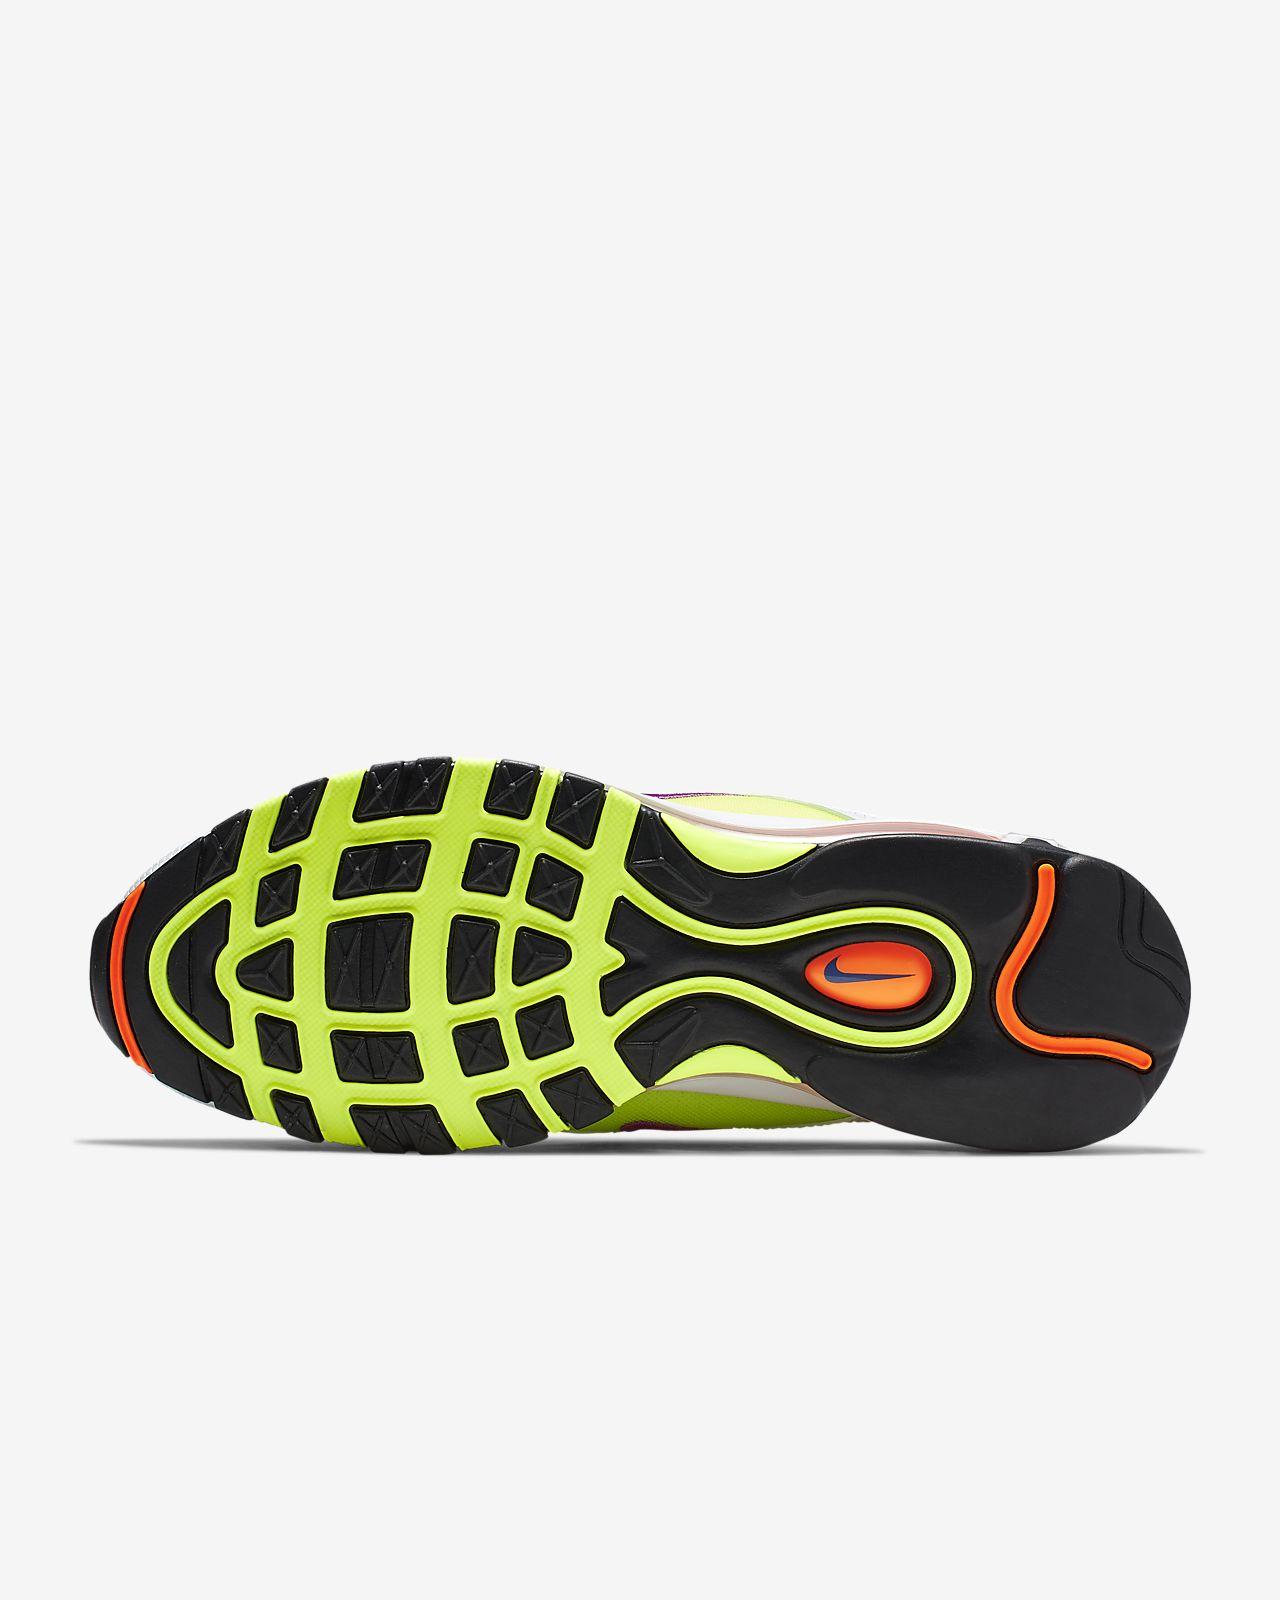 Nike Air Max 97 Wild West Le Site de la Sneaker